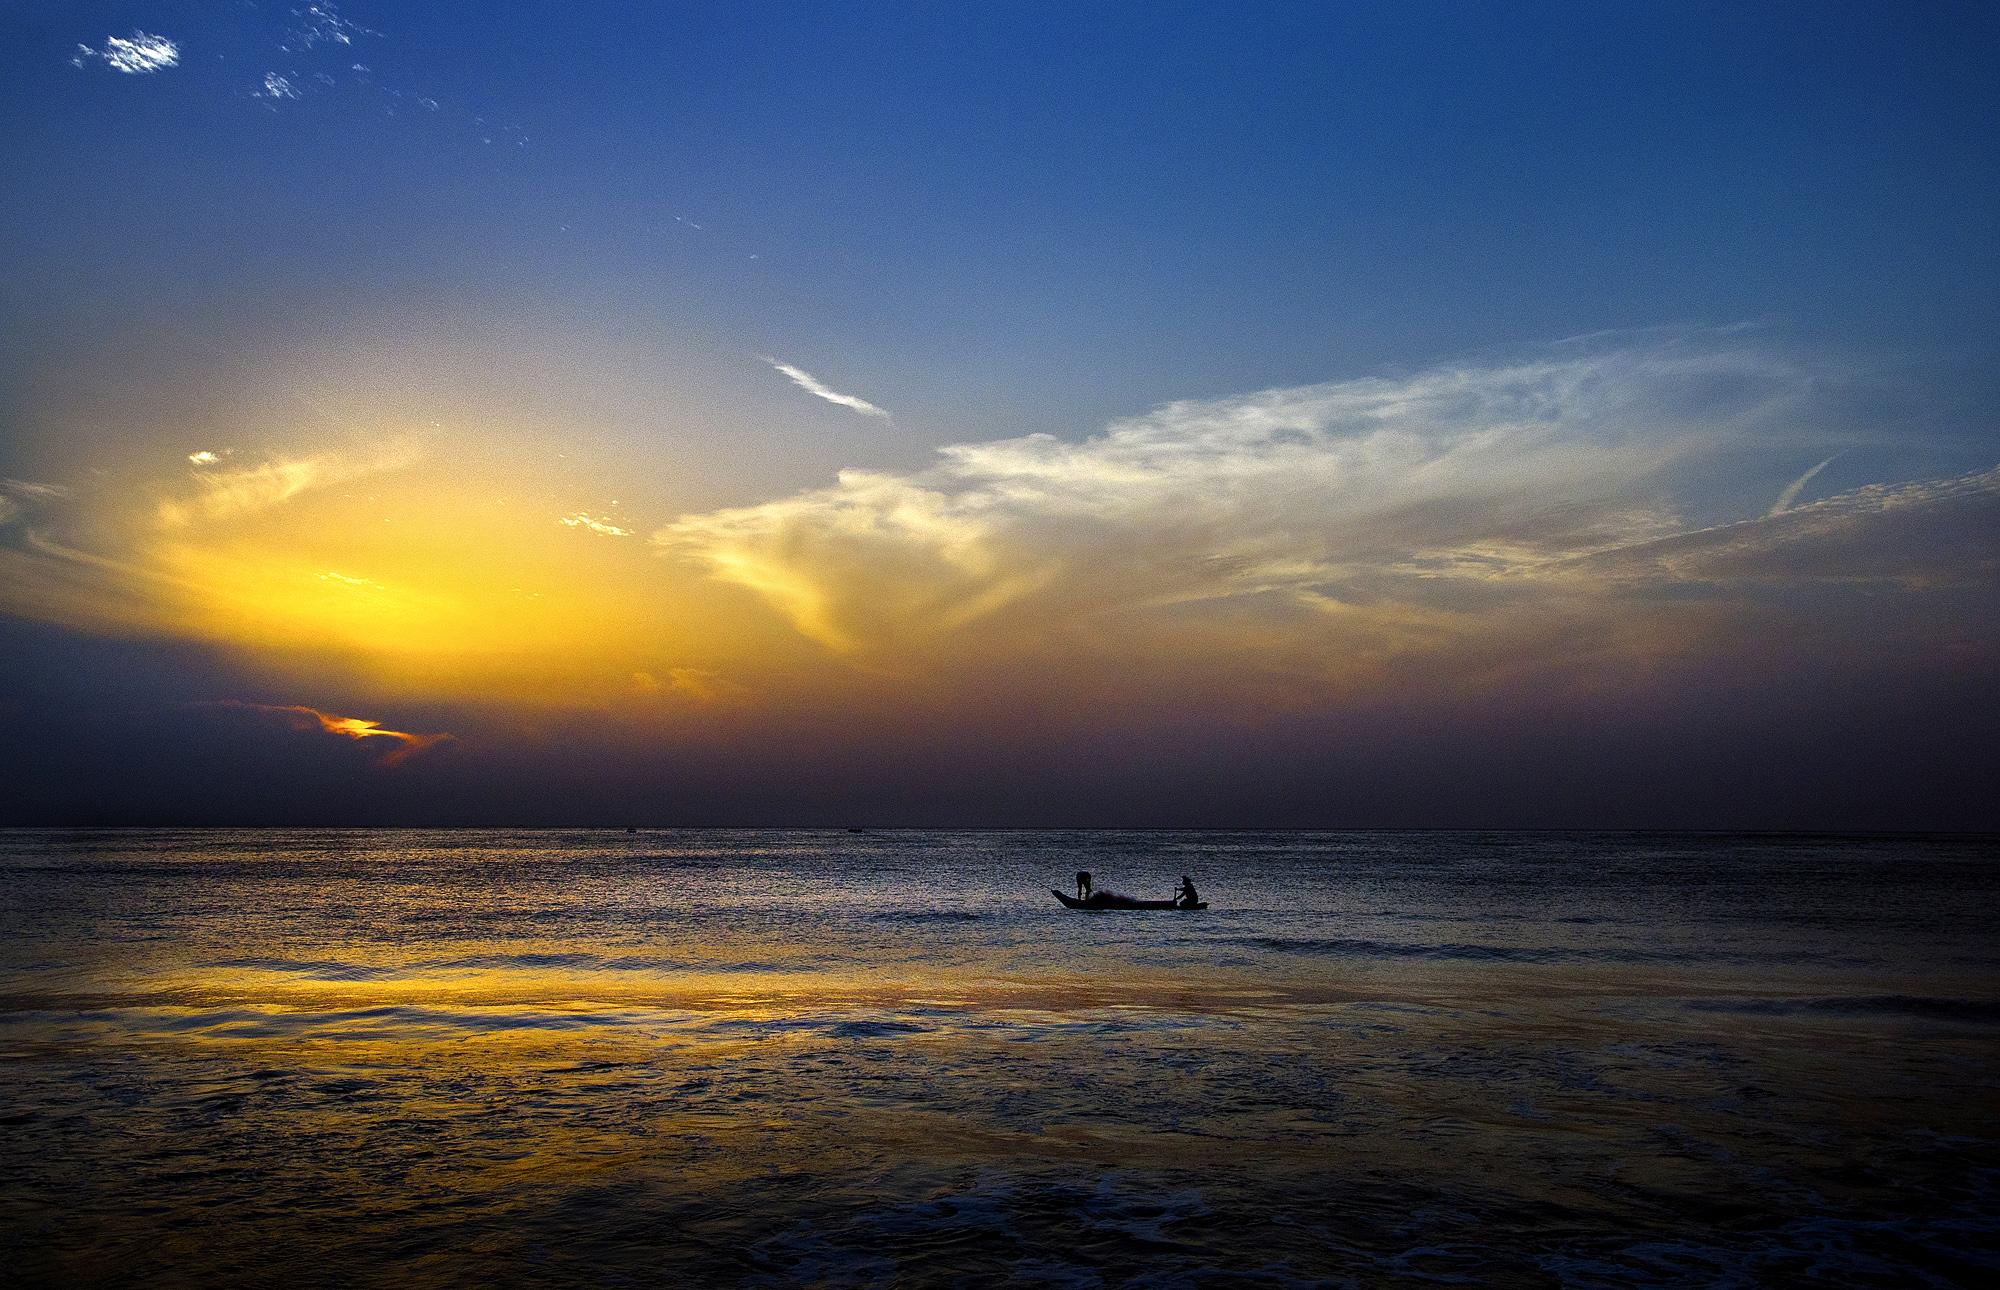 Aesthetic sea view.